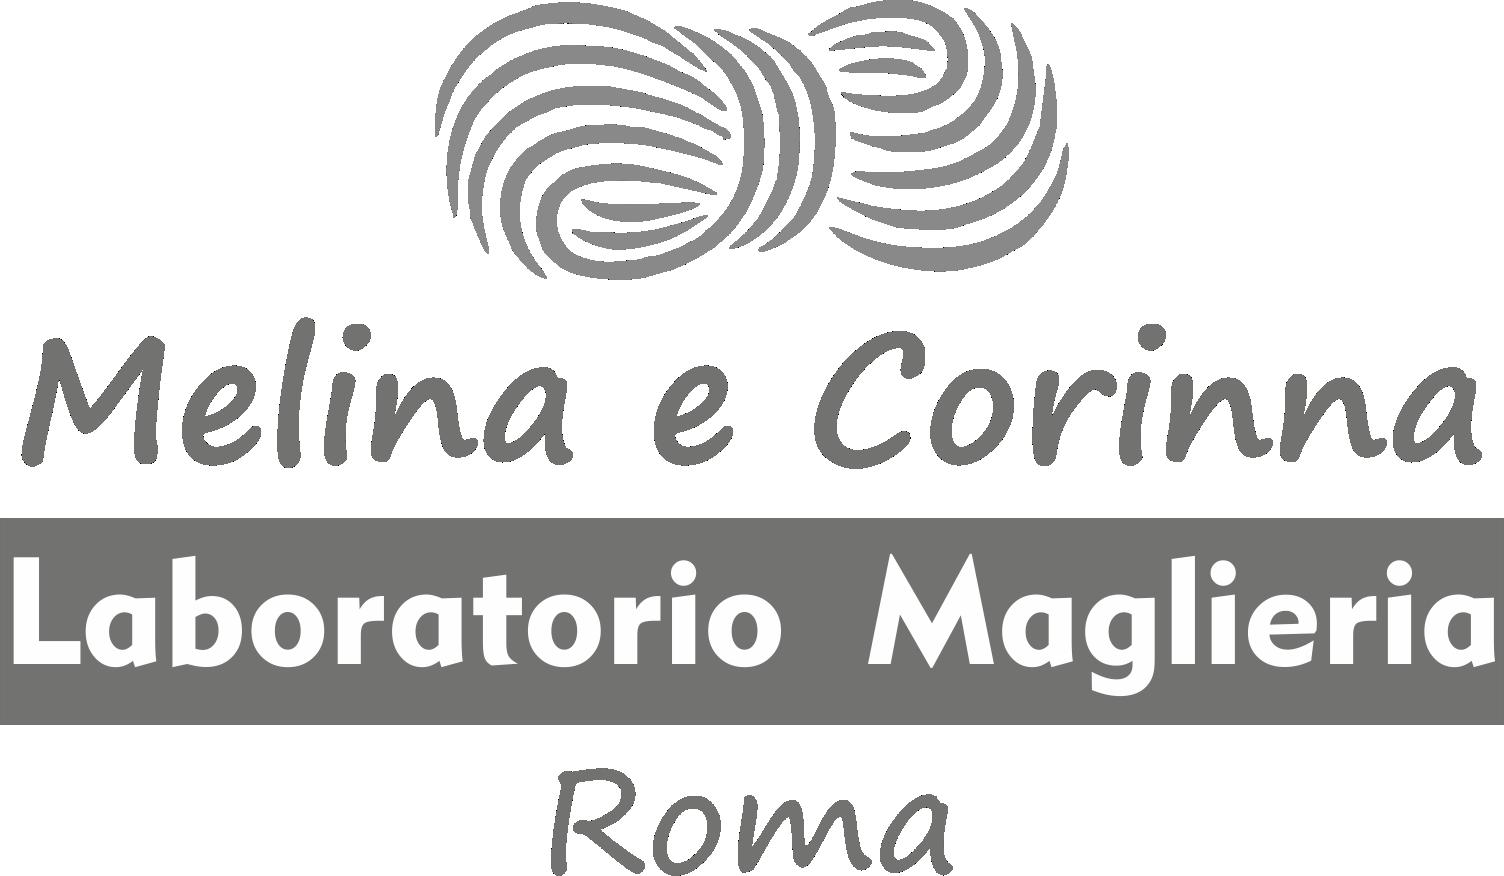 Laboratorio Maglieria